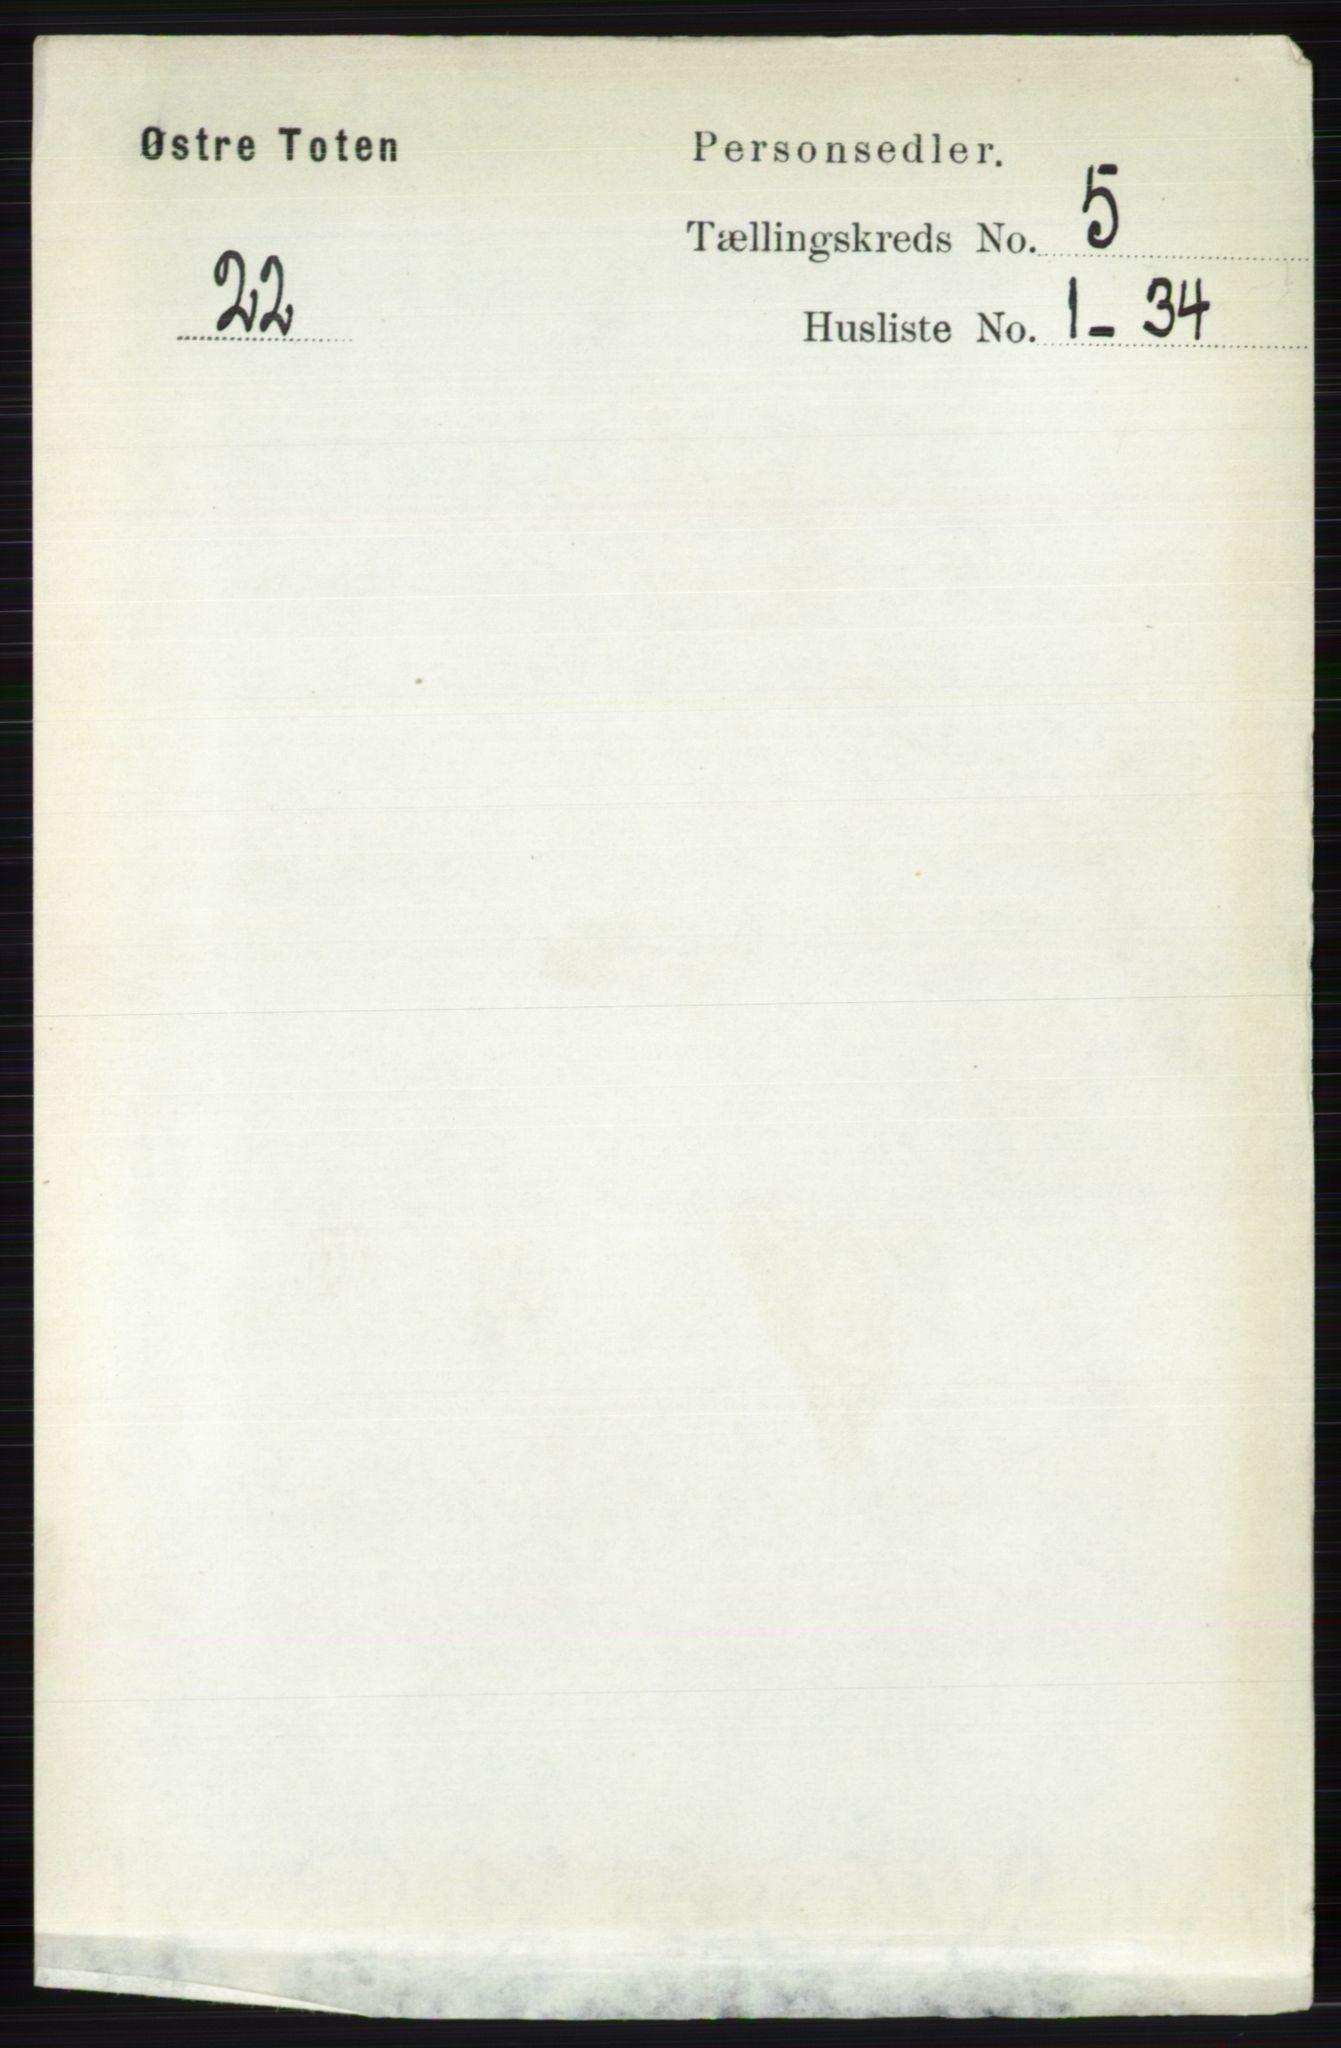 RA, Folketelling 1891 for 0528 Østre Toten herred, 1891, s. 3179